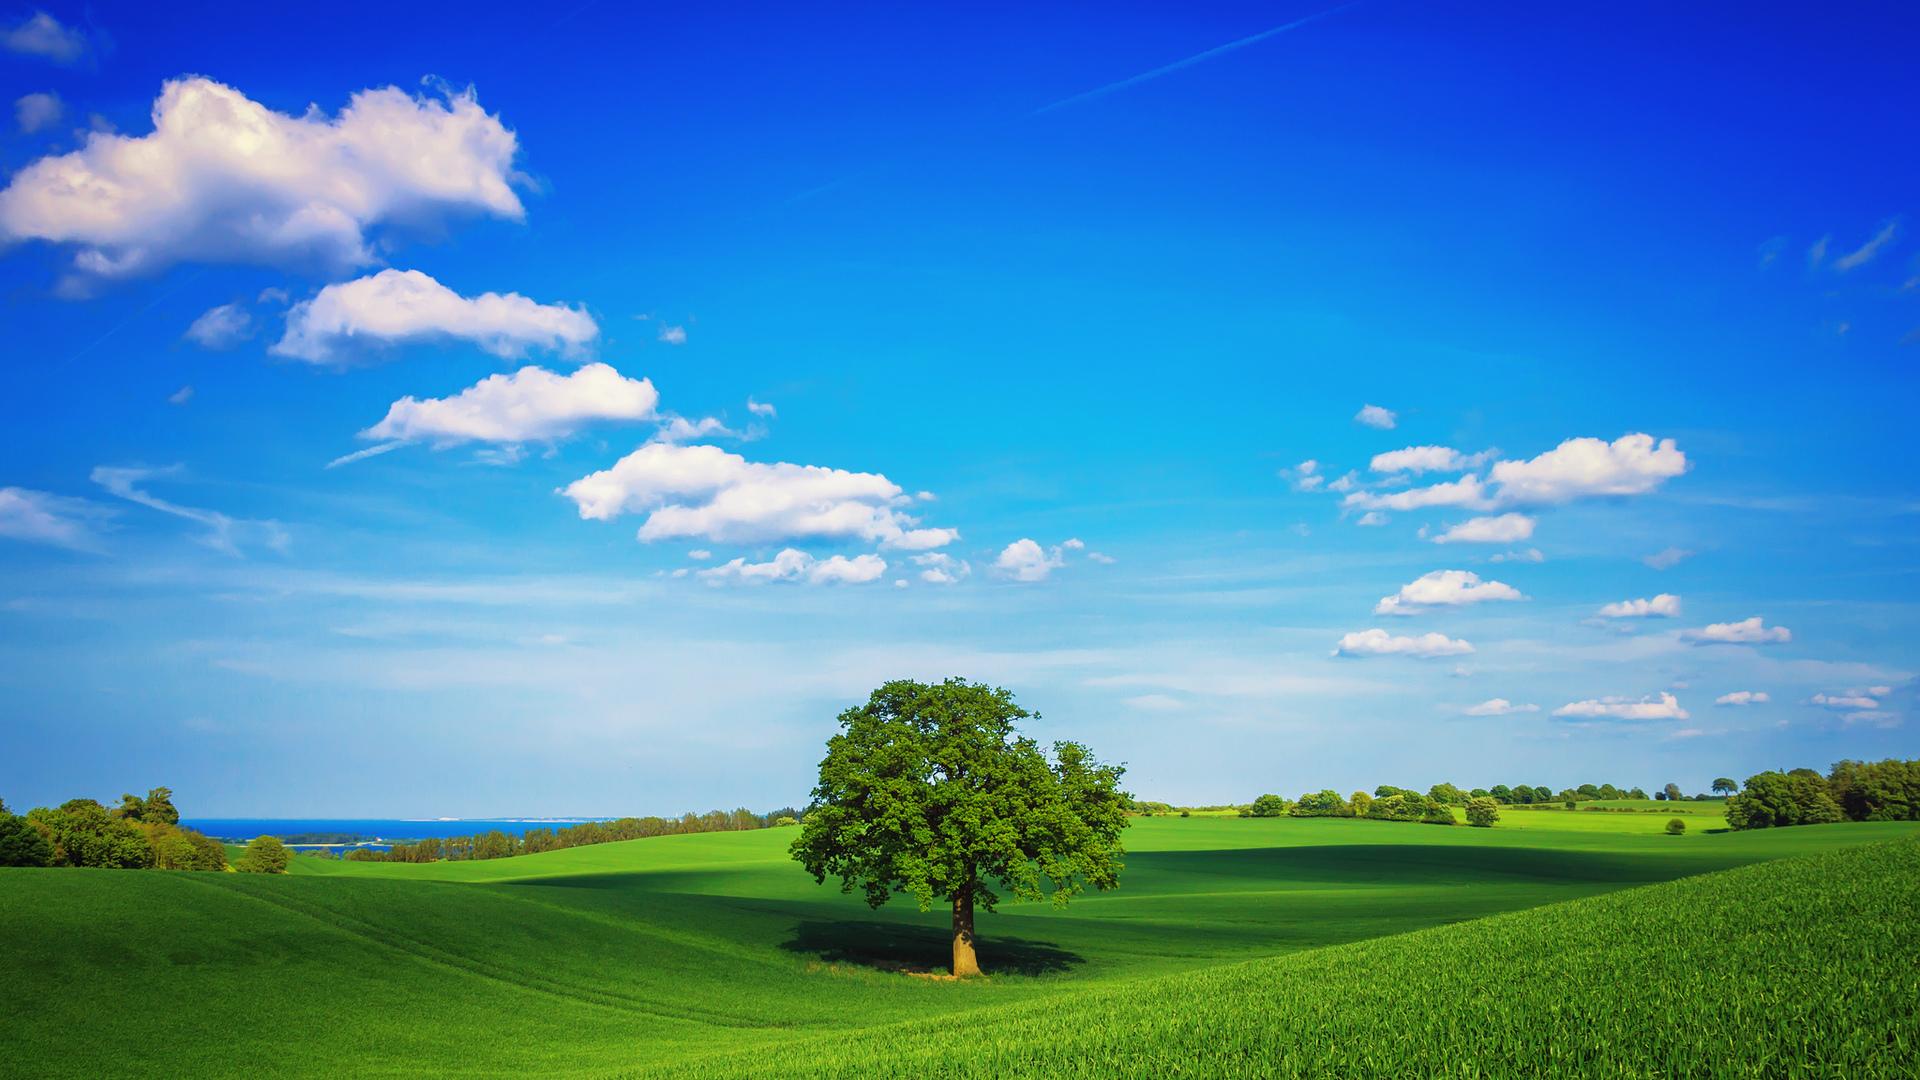 дерево поле  № 439072 загрузить